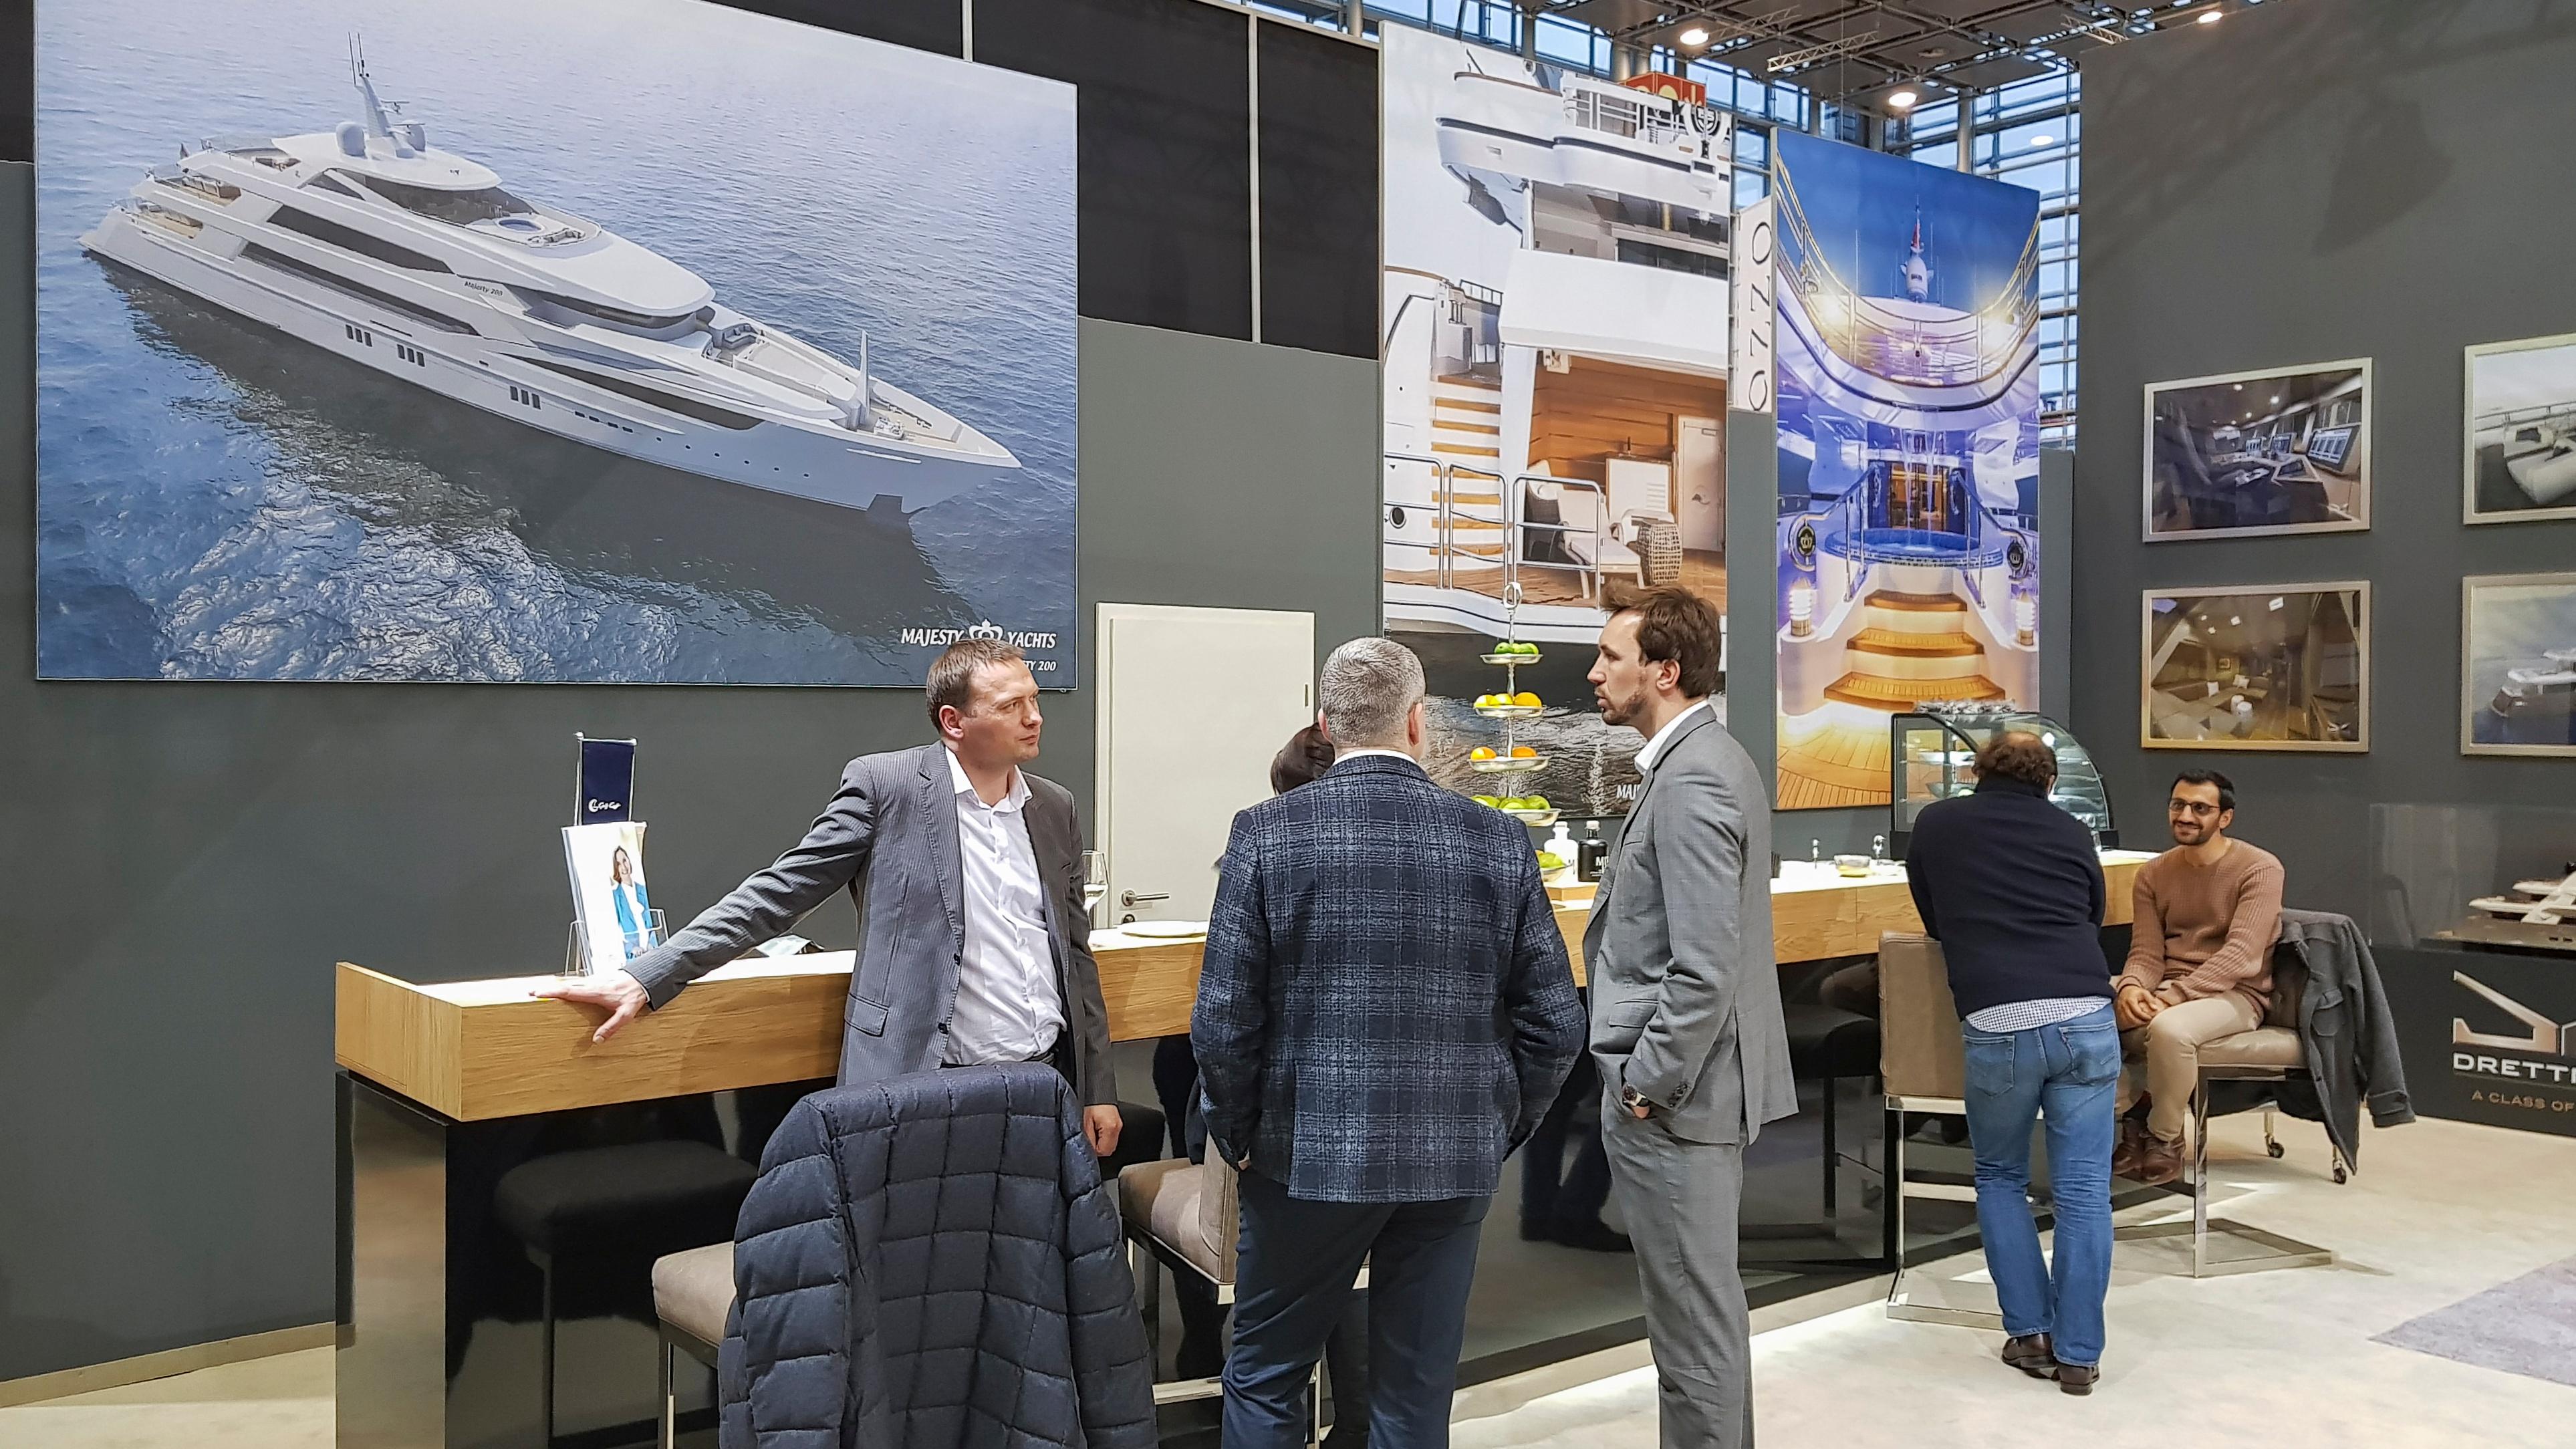 Gulf Craft at Boot Dusseldorf 2018 Day 5 (11).jpg